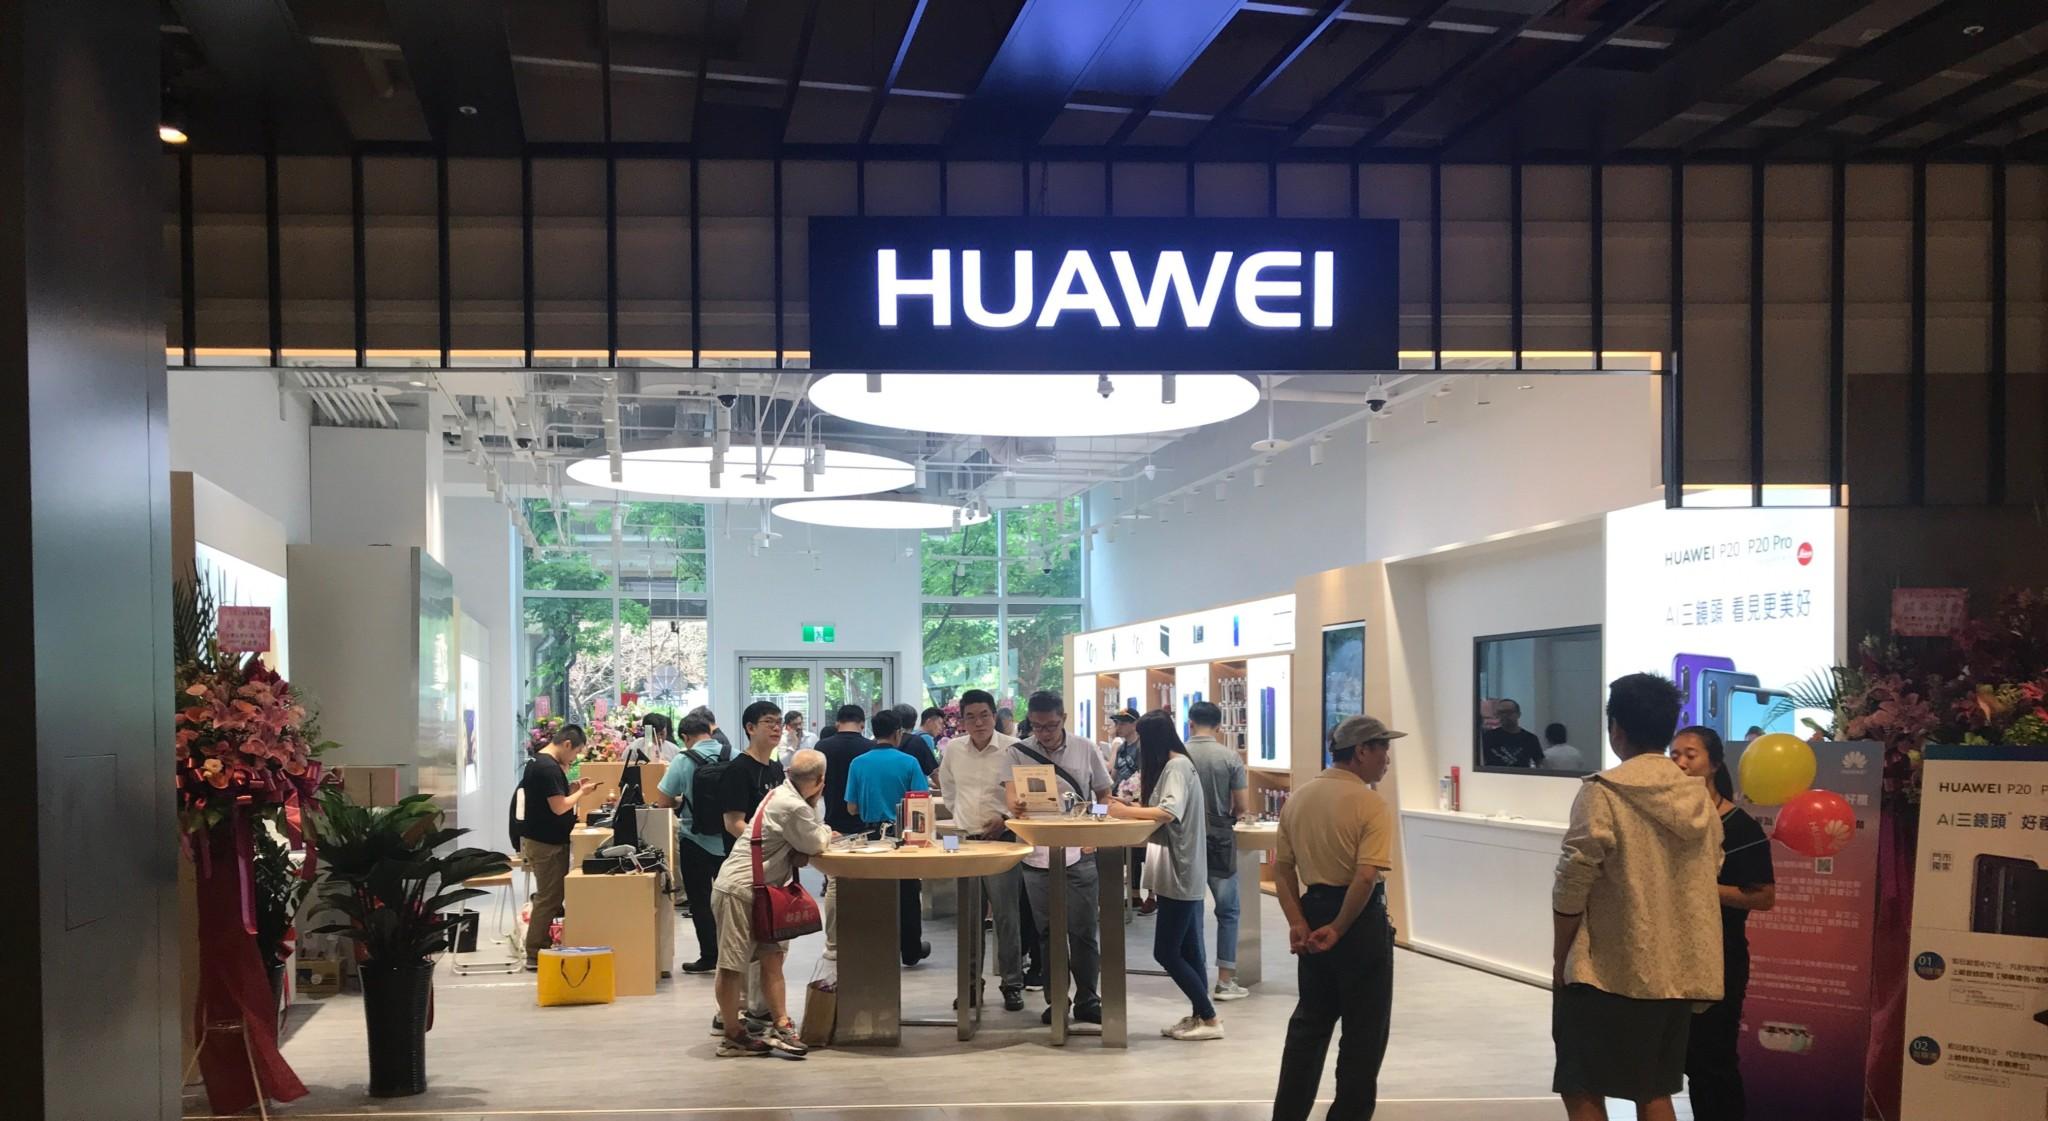 Kina støtter Huaweis søksmål mot USA